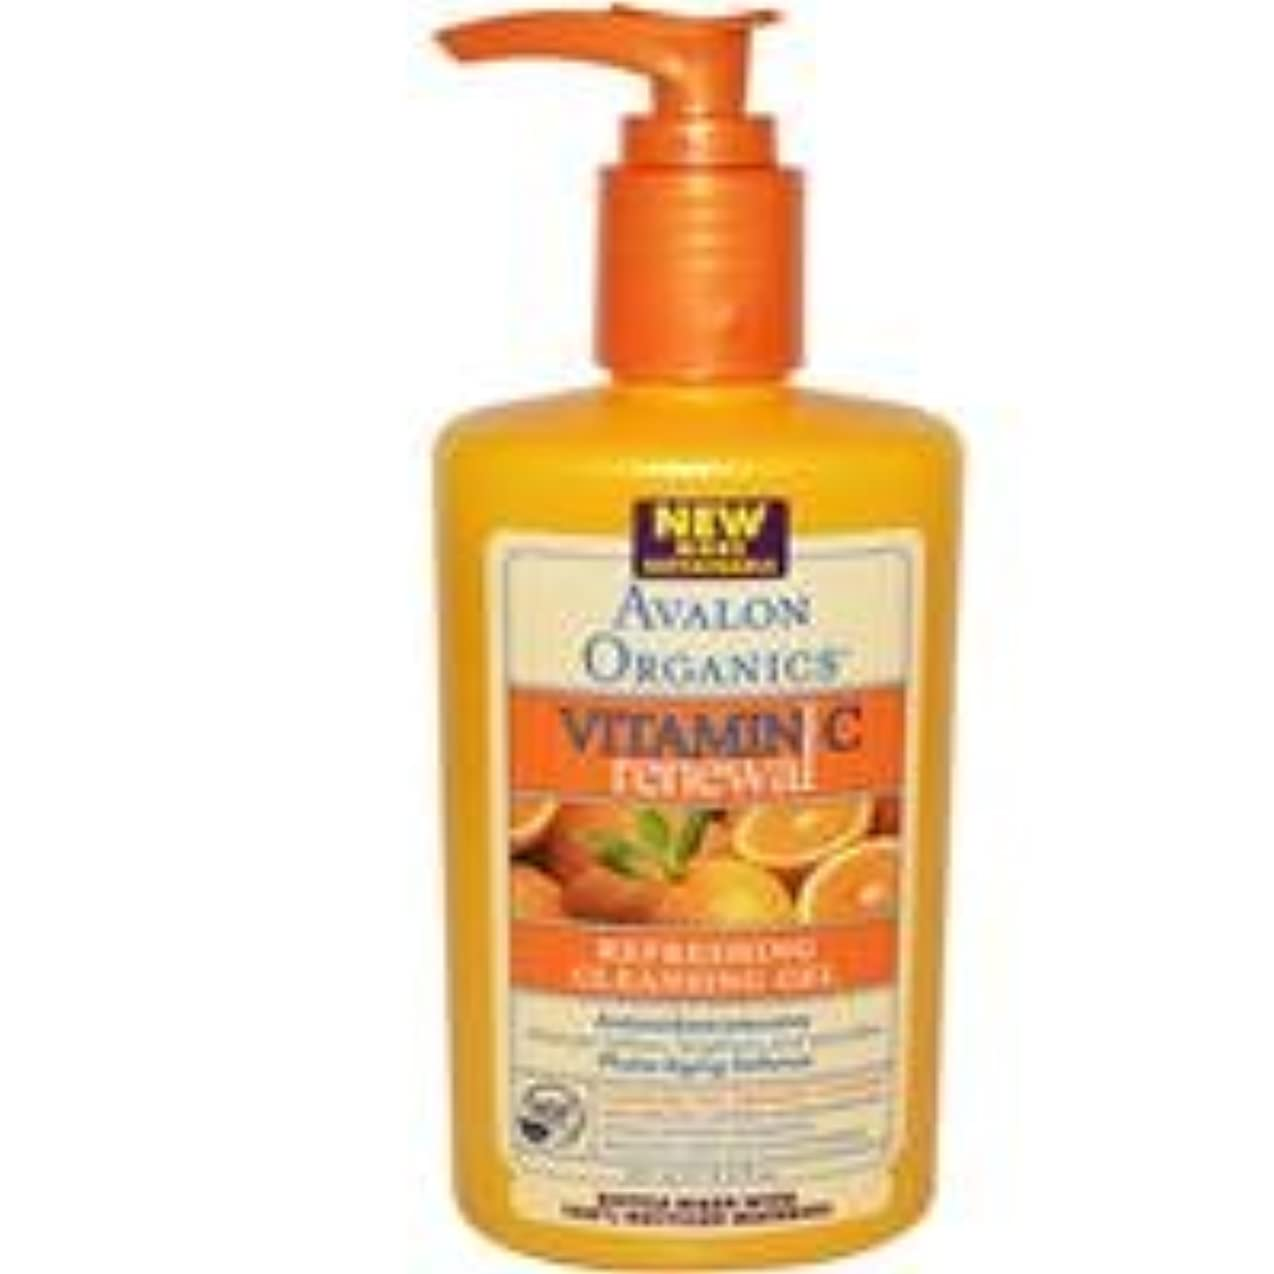 慢性的にやにや元の[海外直送品] アバロンオーガニック(Avalon Organics)    ビタミンC クレンジング ジェル 251ml